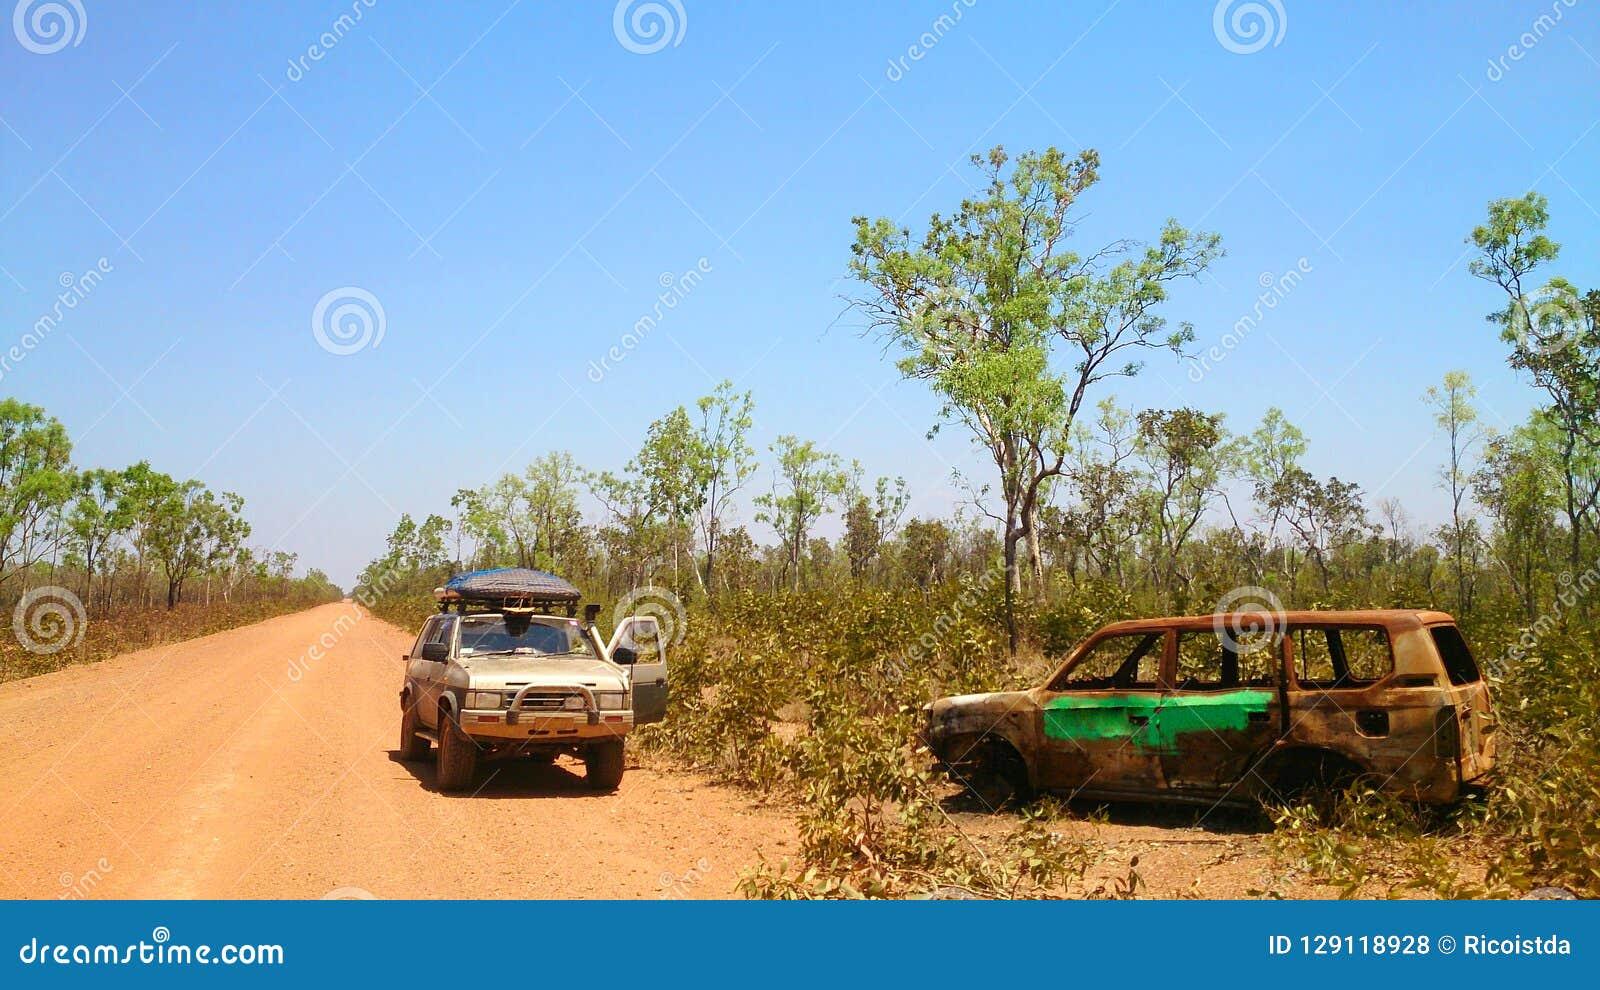 Offroad desert safari